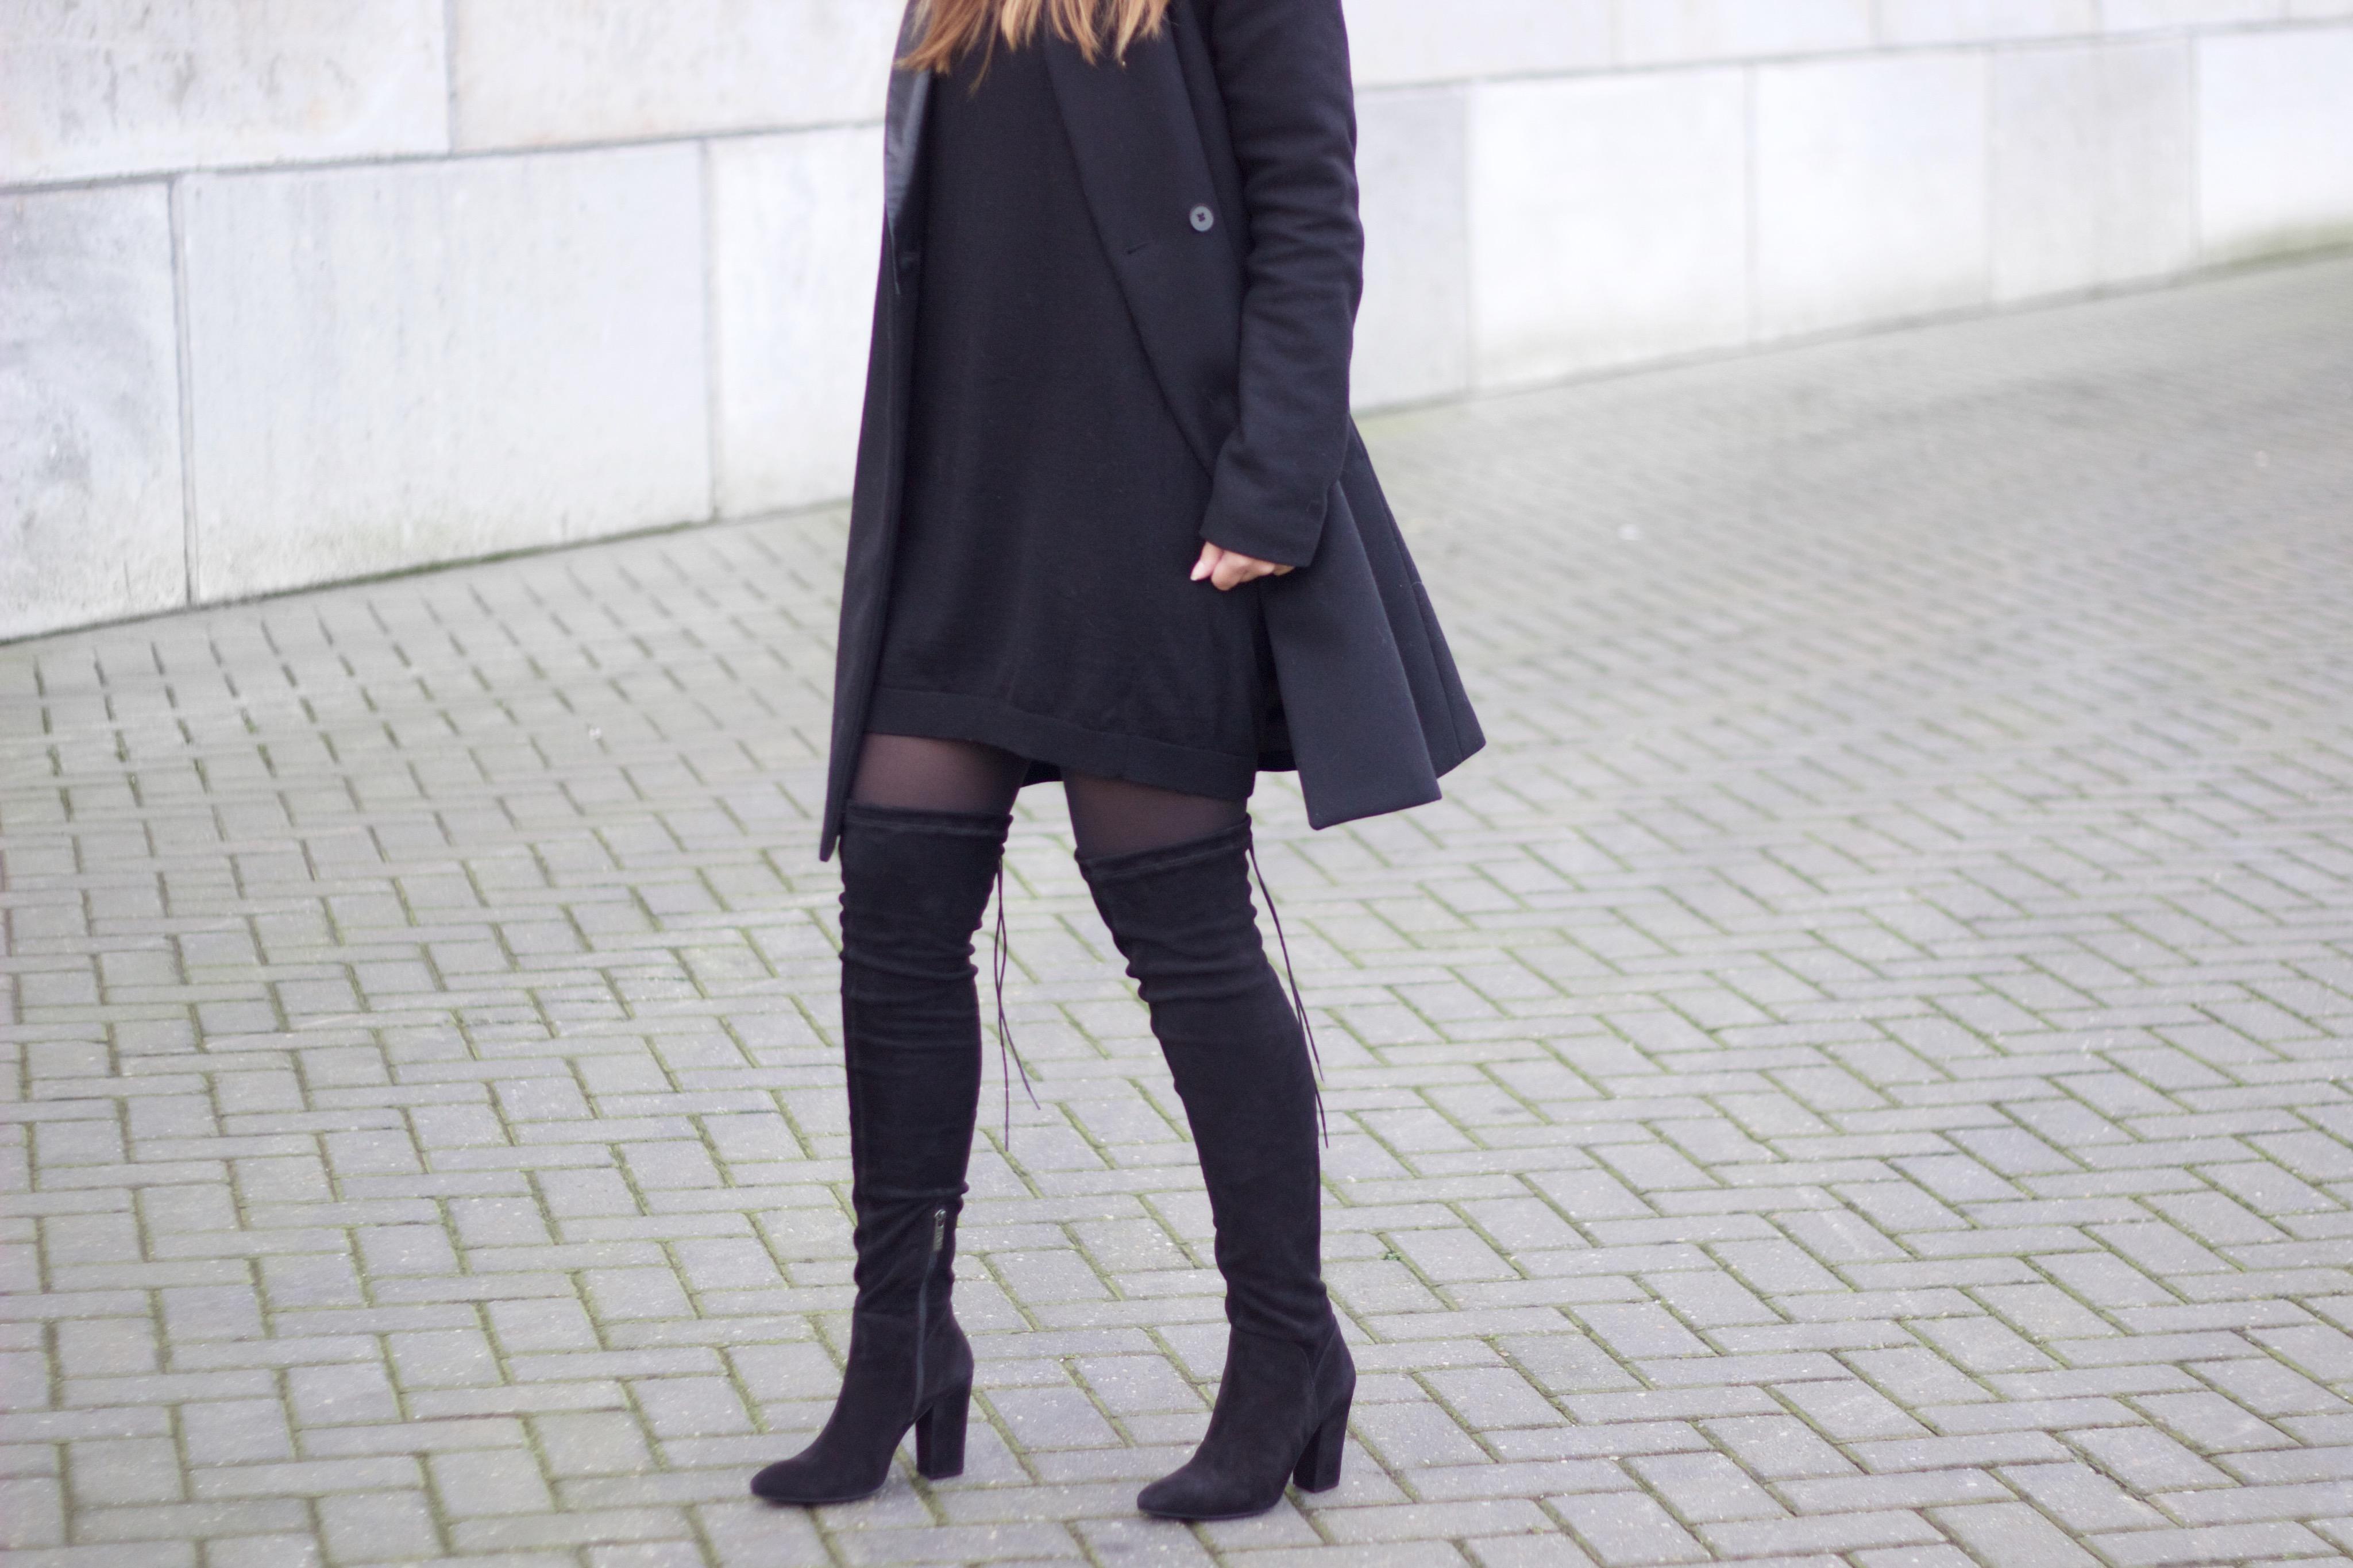 Overknee-boots-black-suede-leather-heels-zipper